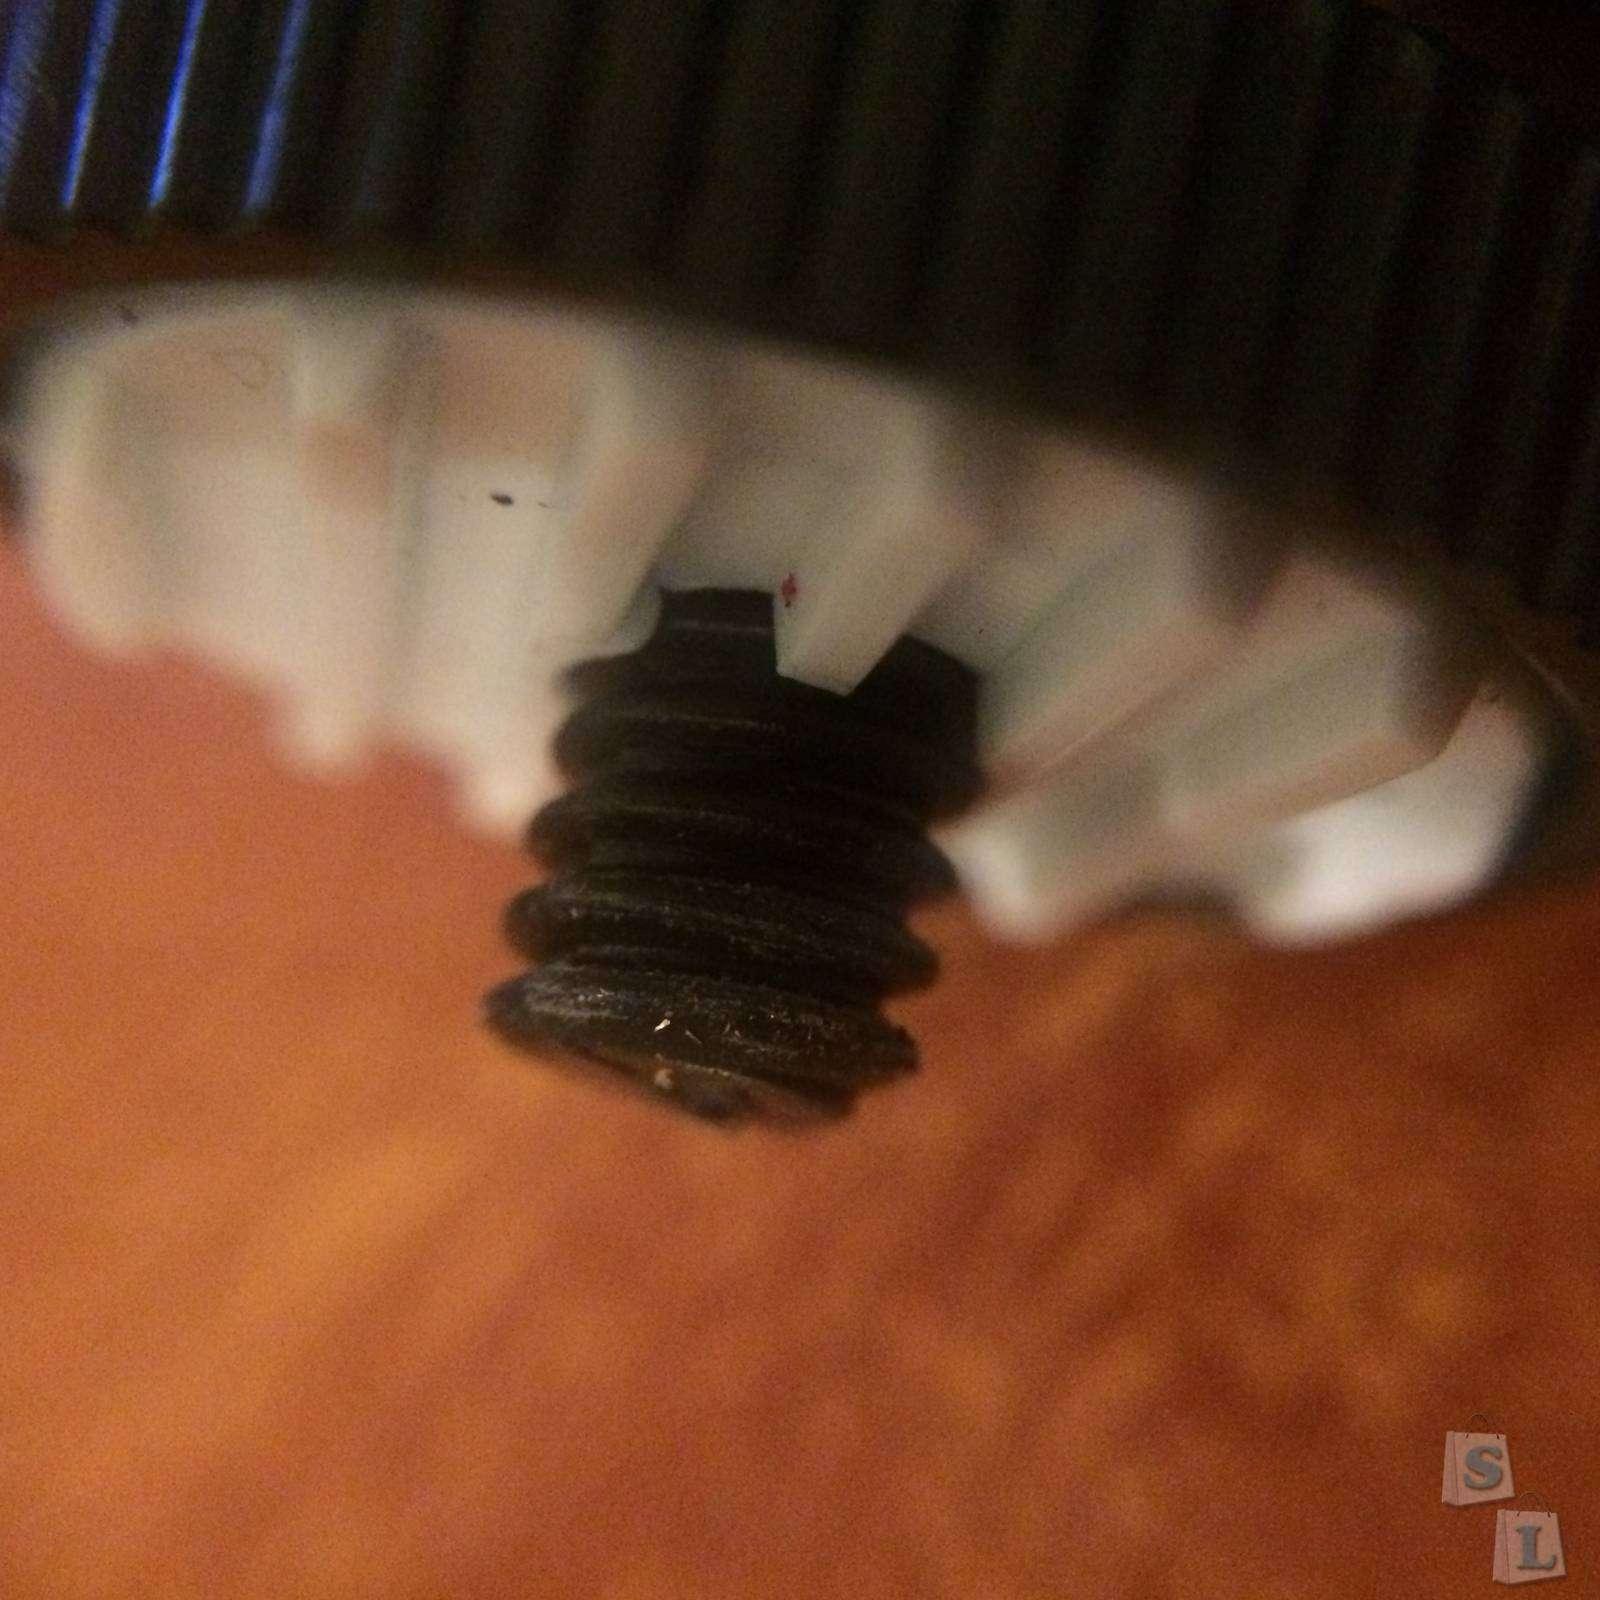 Aliexpress: Гибкий штатив осьминог